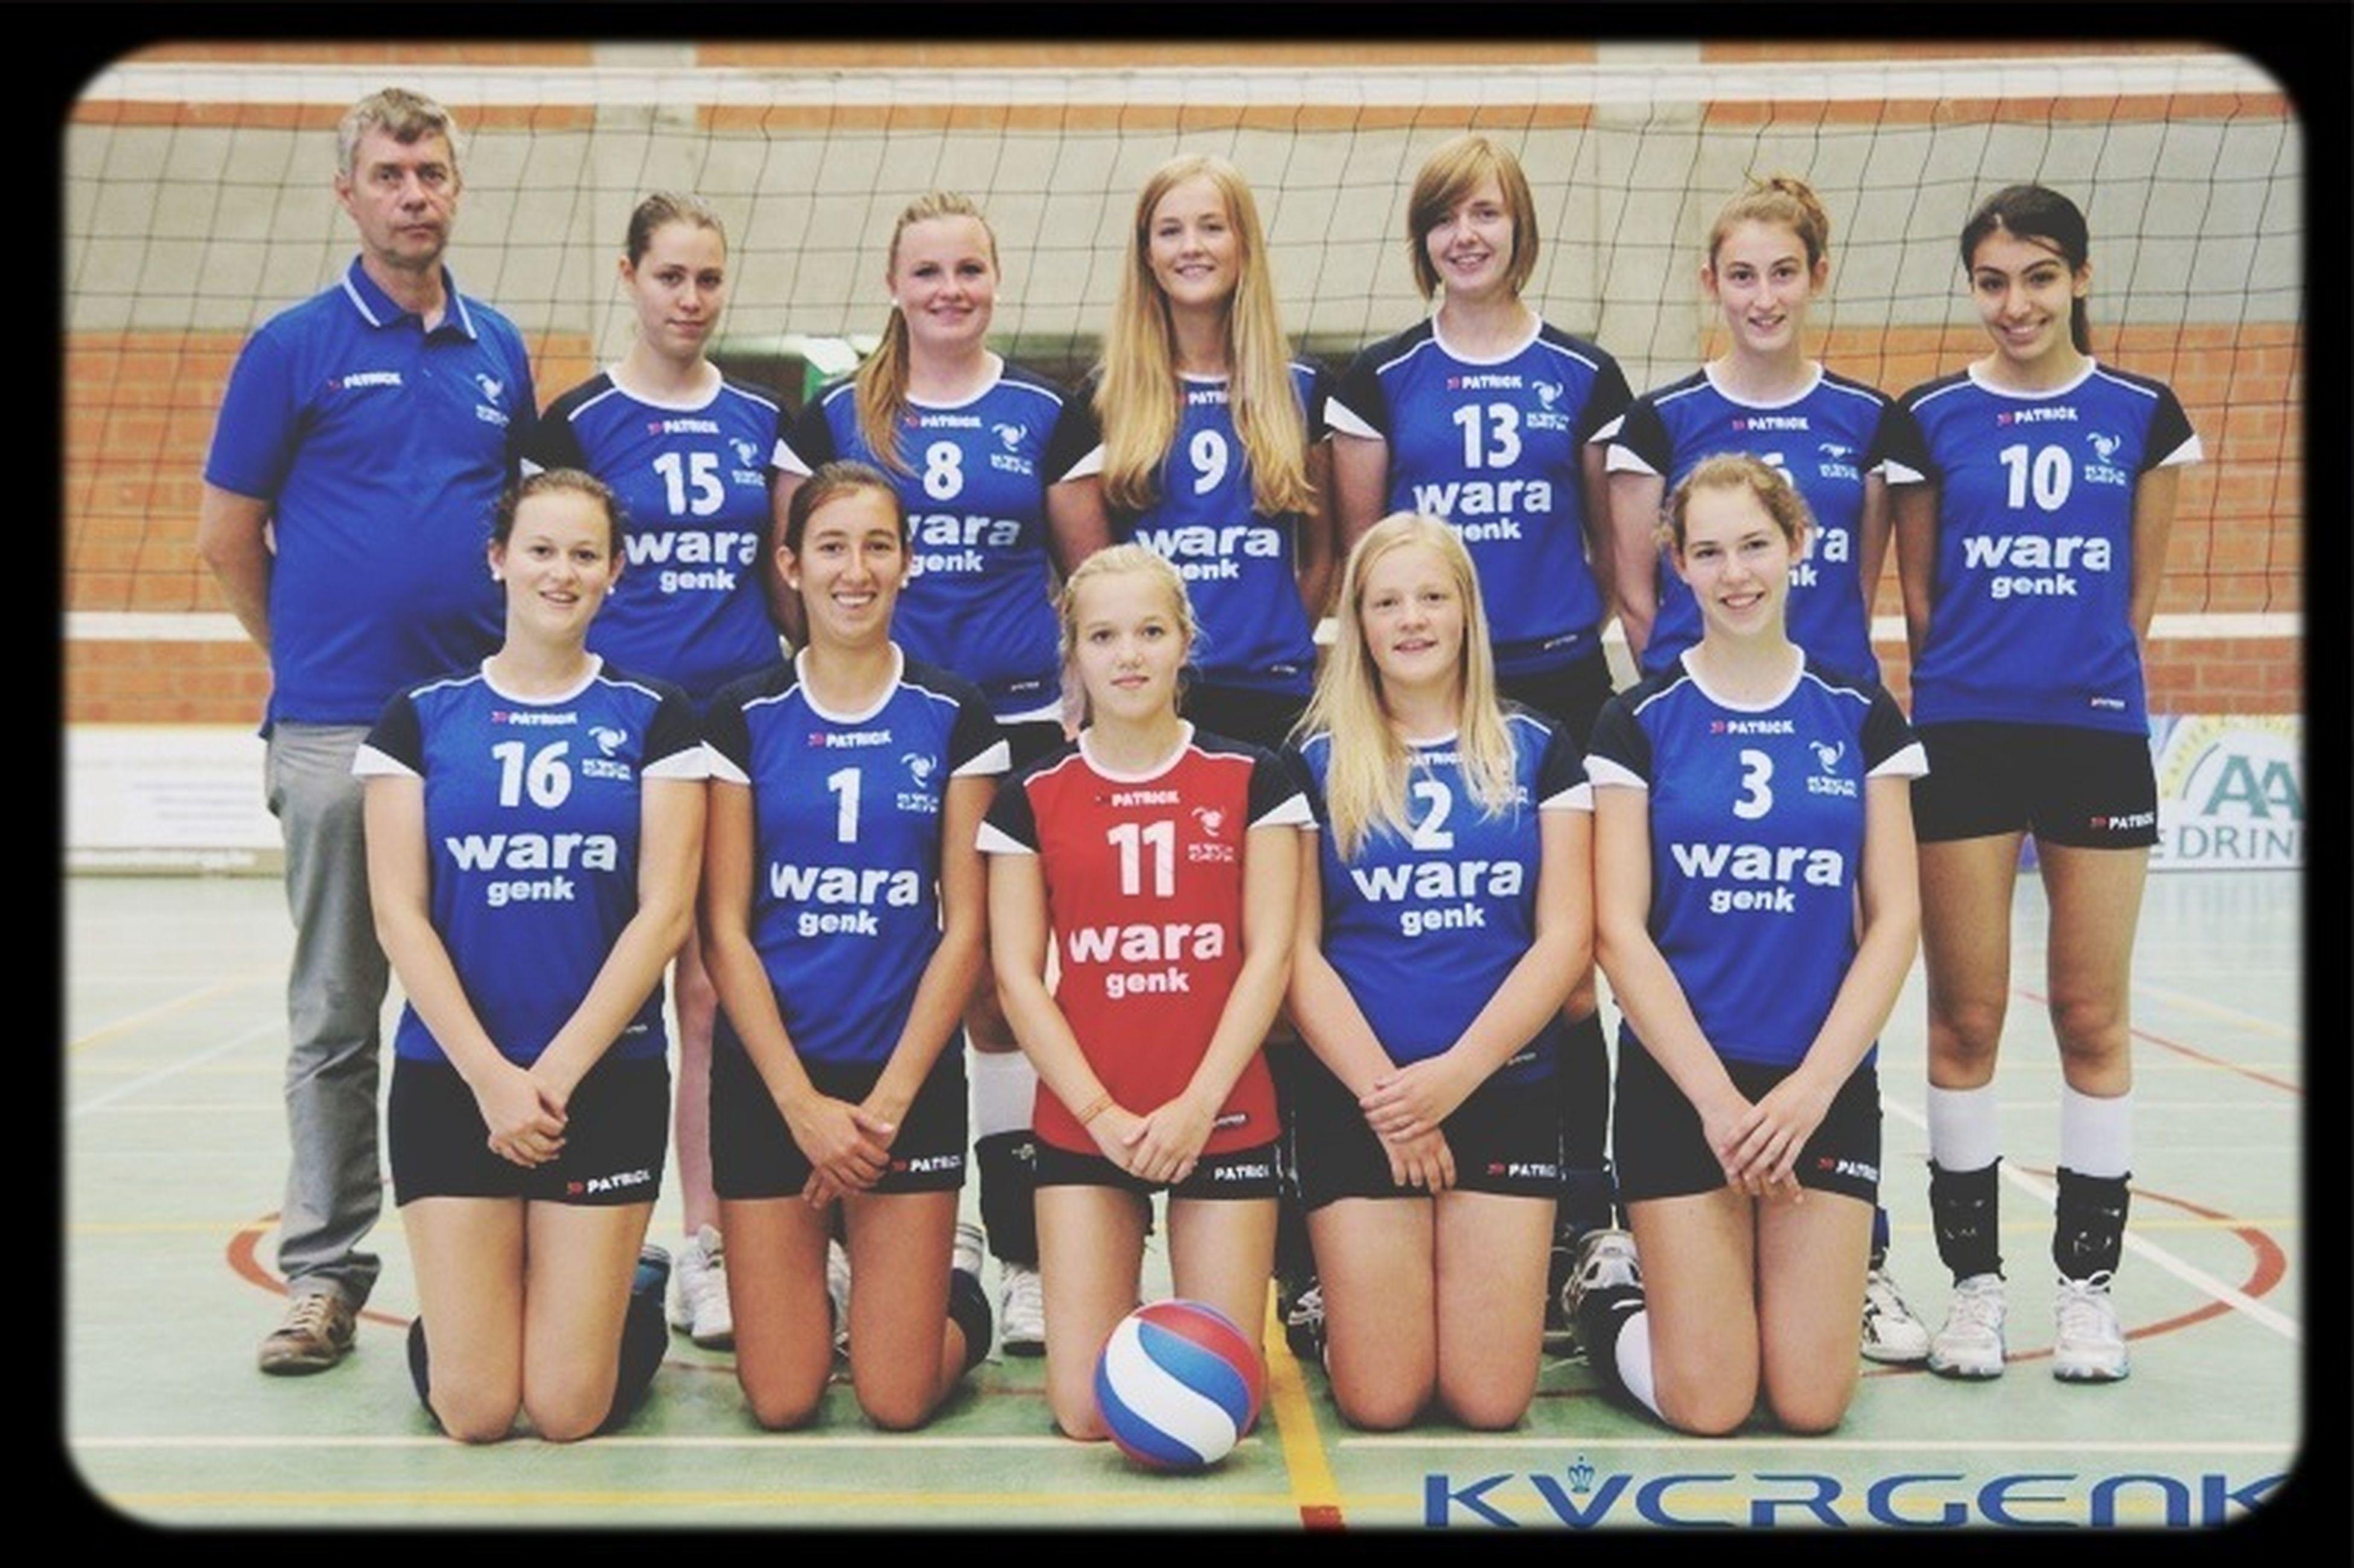 best volleyteam ever !!